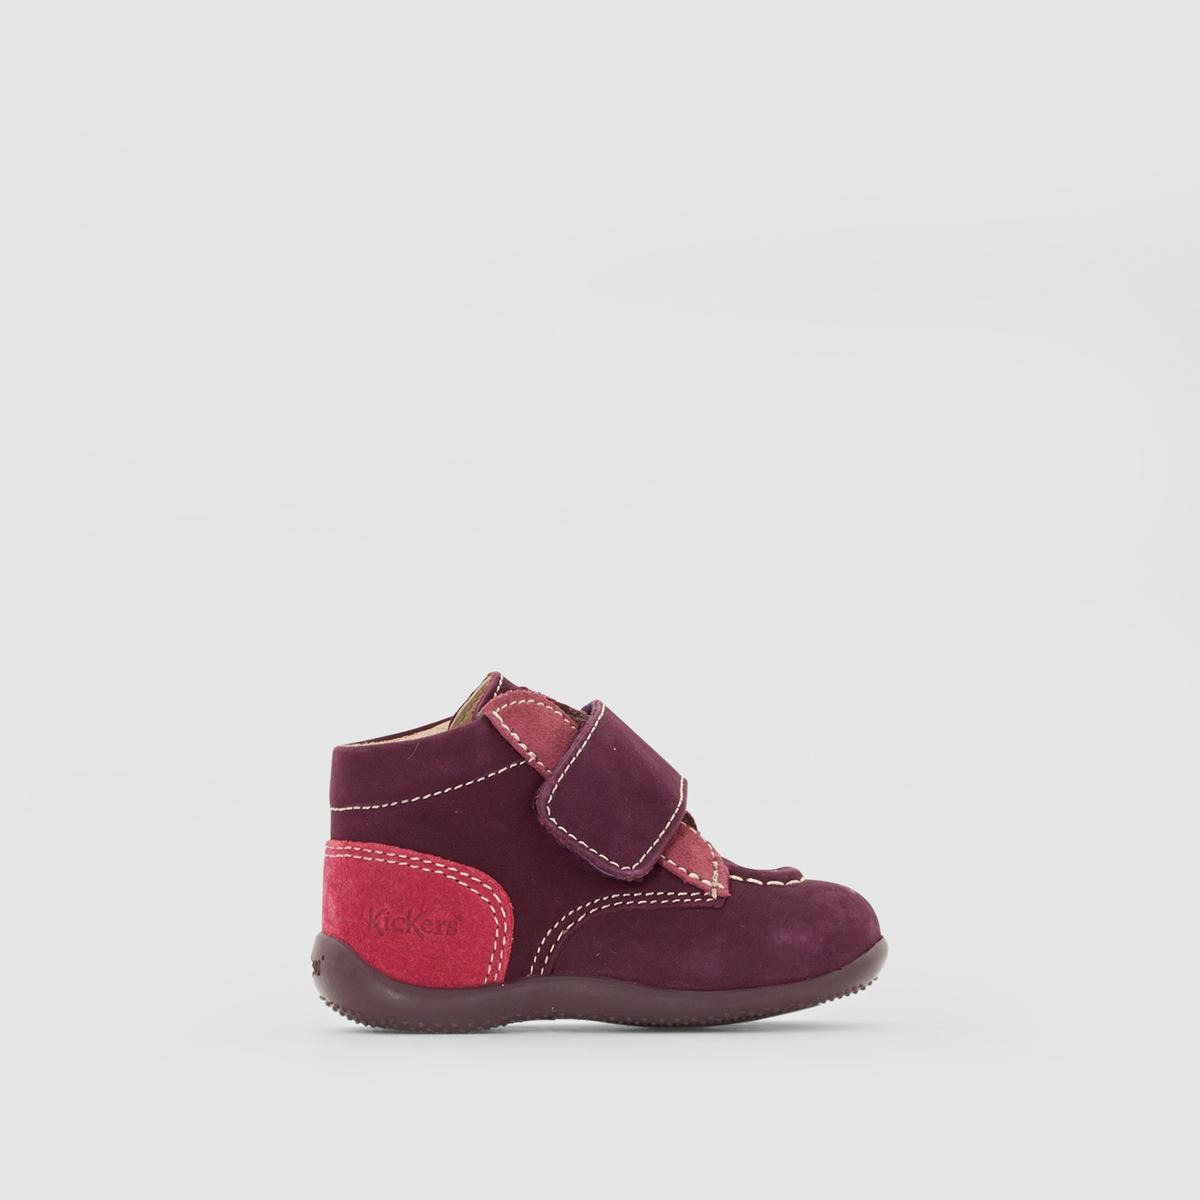 Ботинки с застежкой на планку-велкро BONOПодкладка : Микрофибра   Стелька : Неотделанная кожа   Подошва : Каучук   Высота каблука : 5 смЗастежка : На планку-велкро<br><br>Цвет: фиолетовый/ фуксия<br>Размер: 22